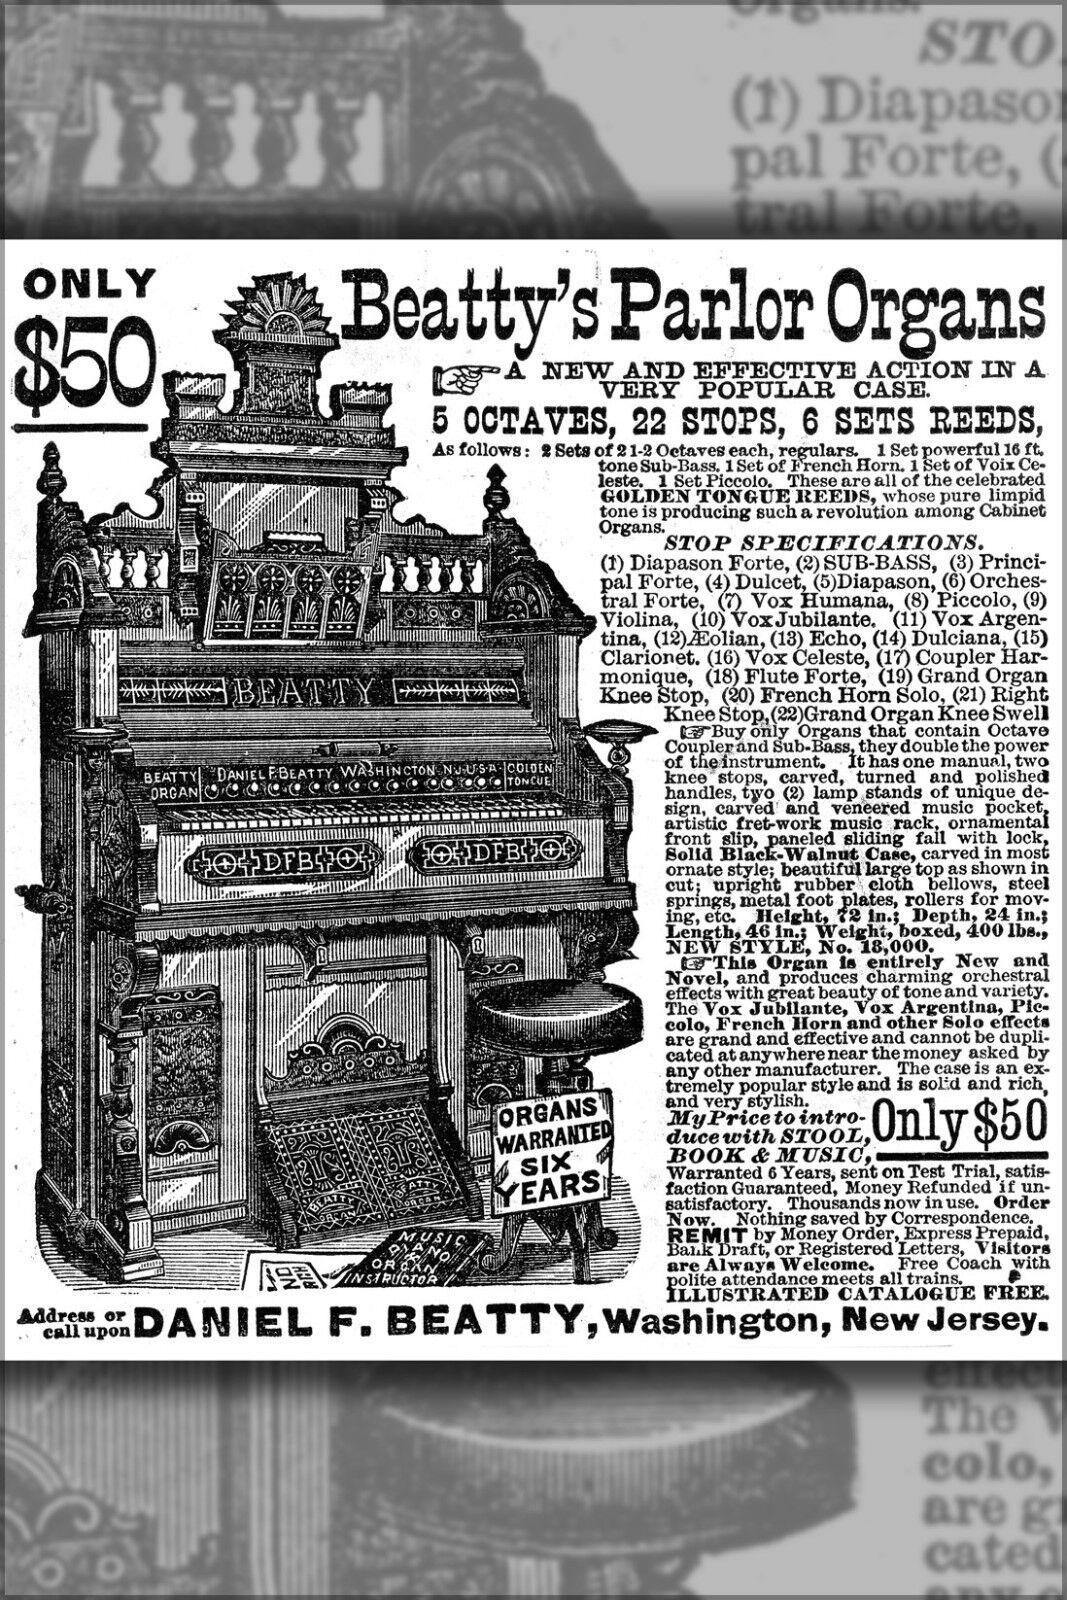 Plakat, Viele Größen; Werbung für BEATTY'S Parlor Pumpe Organ 1882